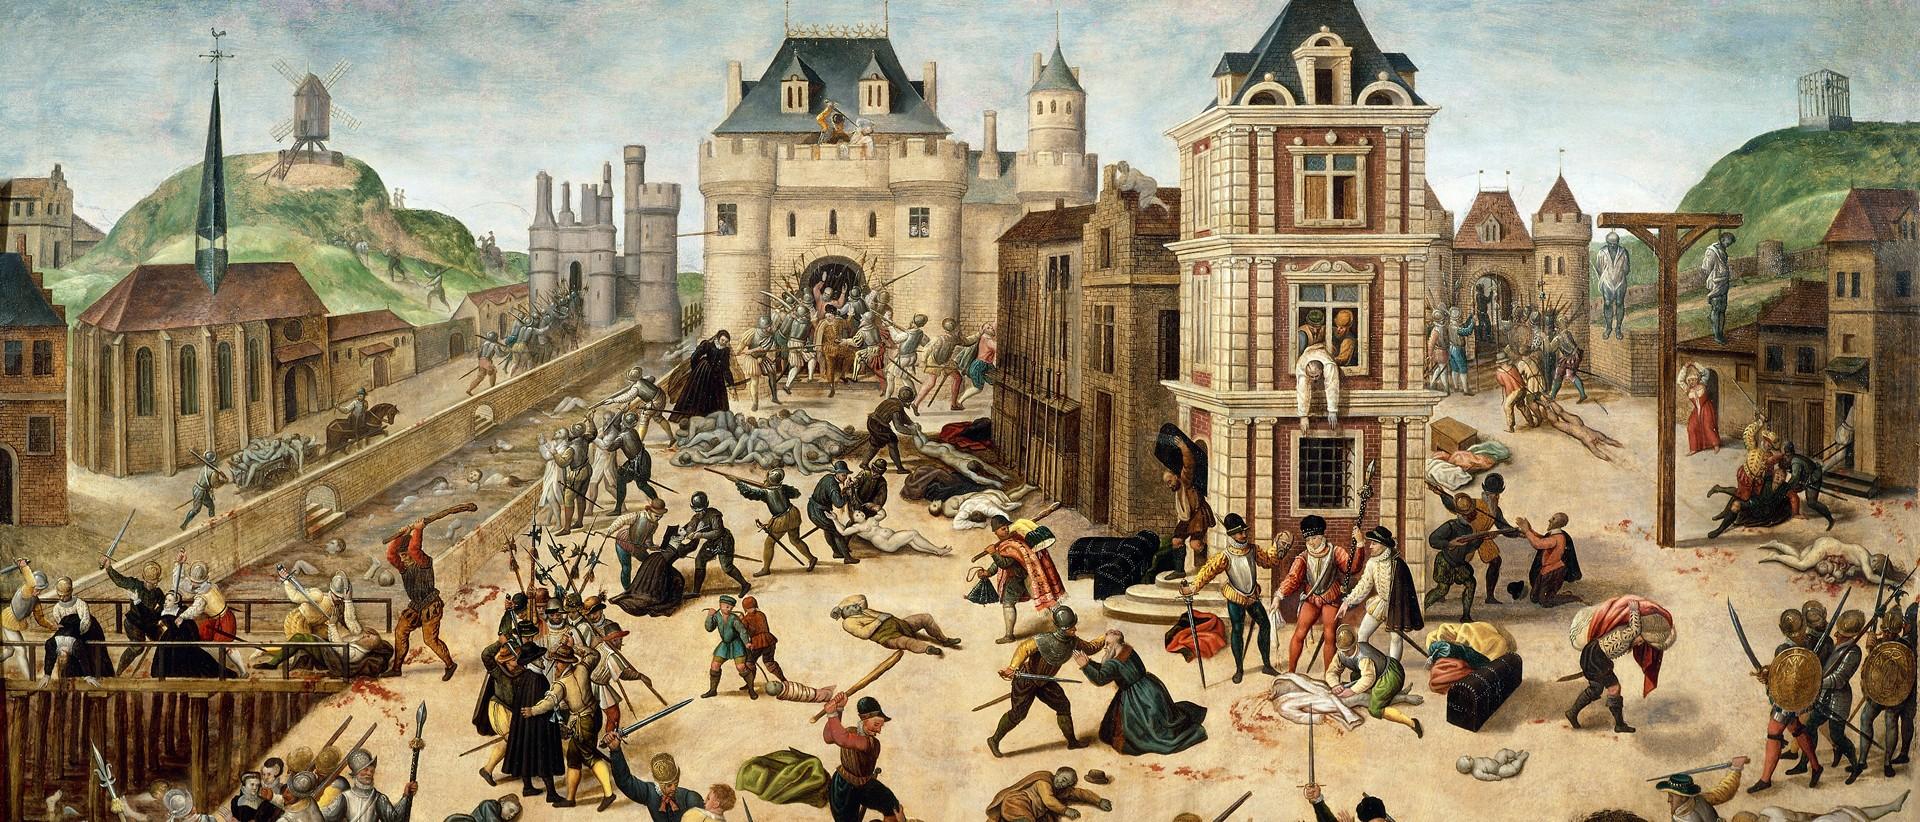 François Dubois, La matanza de San Bartolomé (1576-1584), Musée Cantonal de Beaux-Arts, Lausanne. Foto: Hollandse Hoogte.